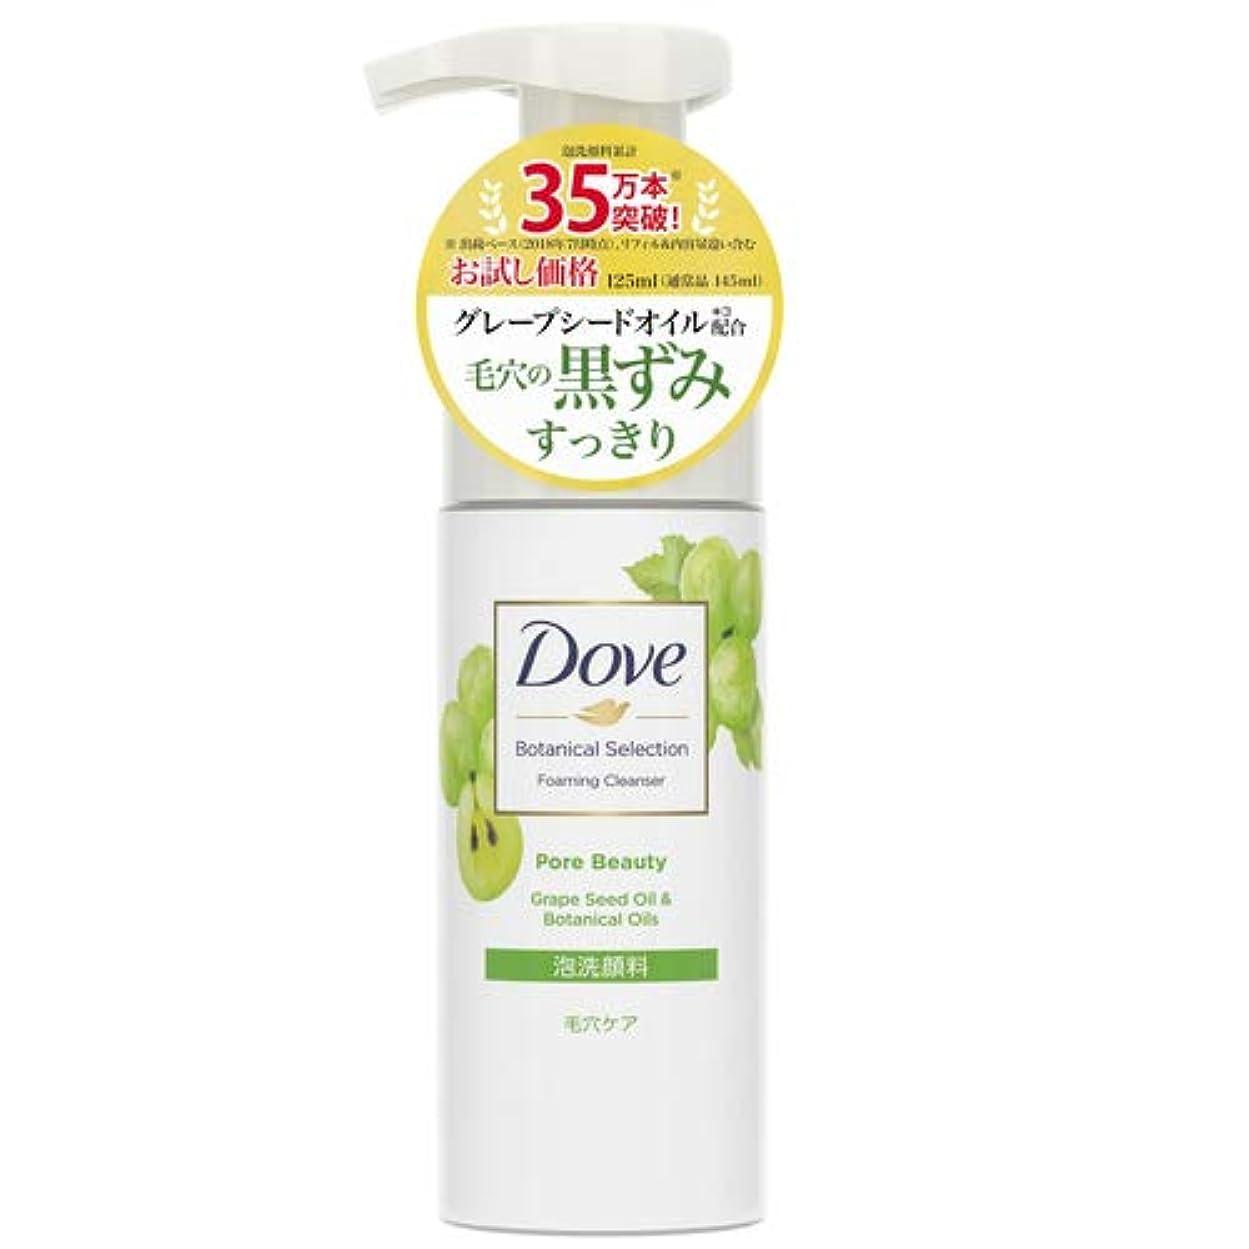 シフトナビゲーション現れるDove(ダヴ) ダヴBポアビューティー泡洗顔お試し価格品125ML